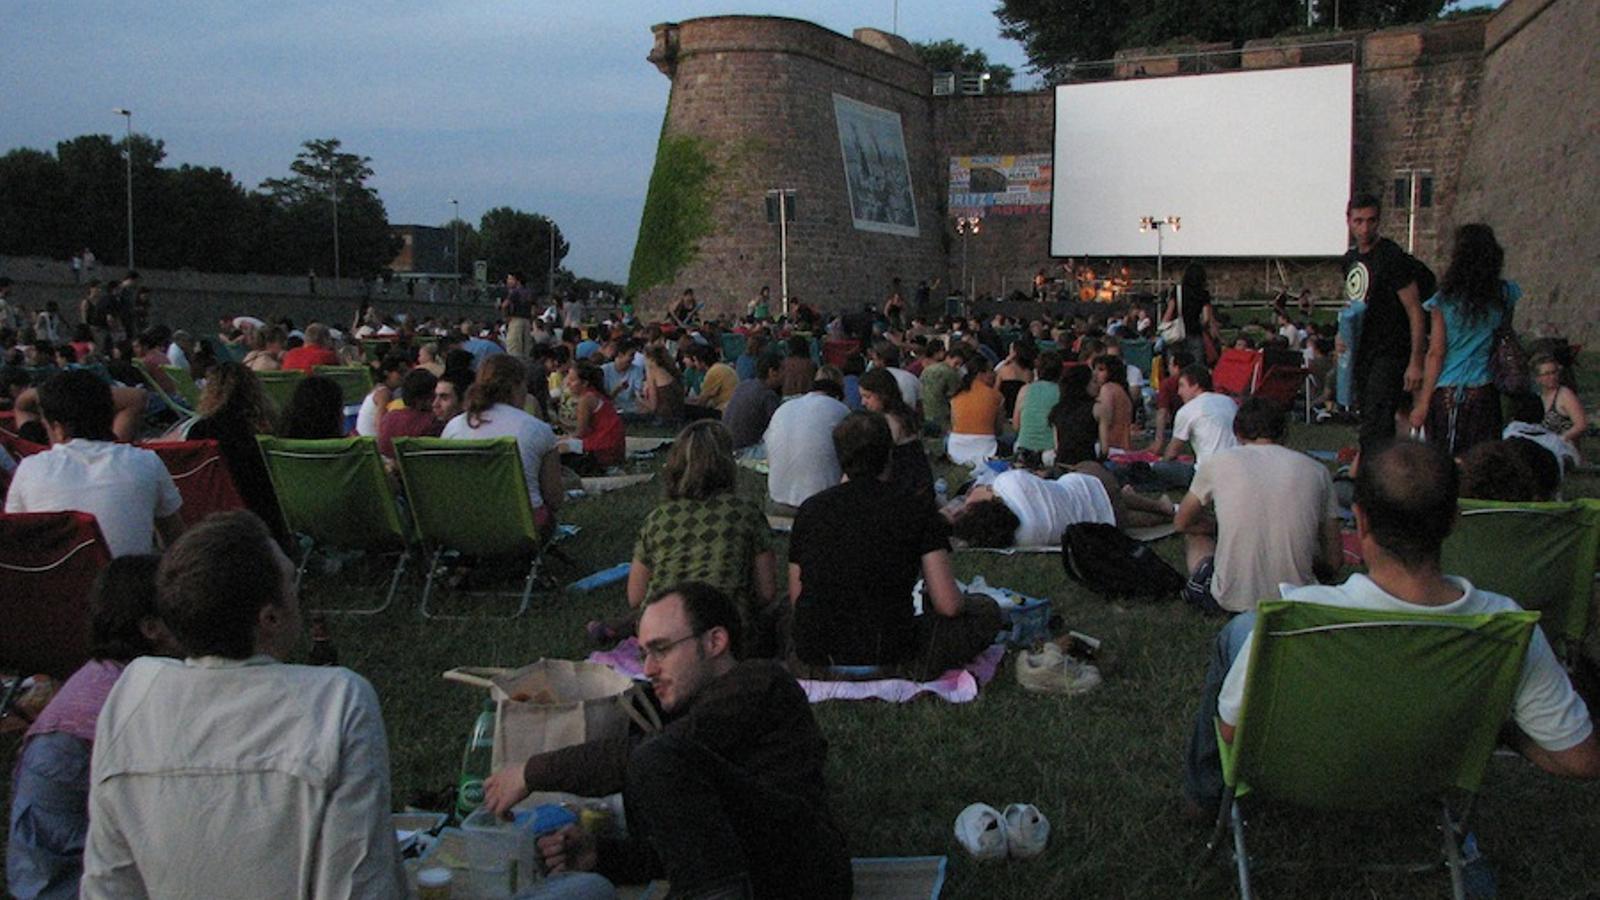 El cinema a la fresca d na el tret de sortida a la novena for Cinema fresca montjuic